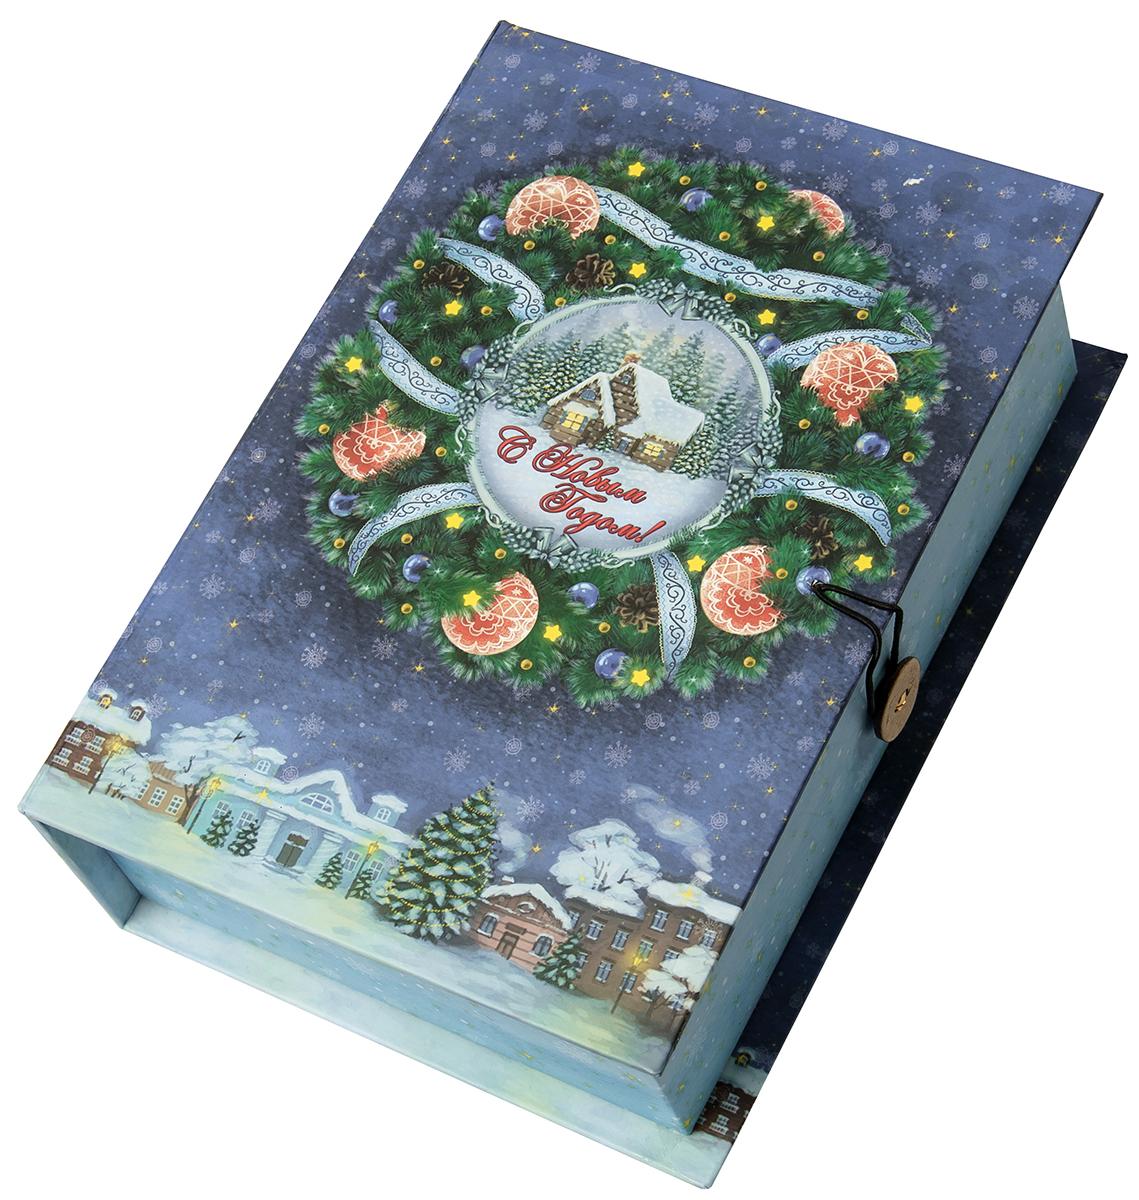 Коробка подарочная Magic Time Новогодний венок, размер S. 7504475044Подарочная коробка Magic Time, выполненная из мелованного, ламинированного картона, закрывается на пуговицу. Крышка оформлена декоративным рисунком. Подарочная коробка - это наилучшее решение, если вы хотите порадовать ваших близких и создать праздничное настроение, ведь подарок, преподнесенный в оригинальной упаковке, всегда будет самым эффектным и запоминающимся. Окружите близких людей вниманием и заботой, вручив презент в нарядном, праздничном оформлении.Плотность картона: 1100 г/м2.